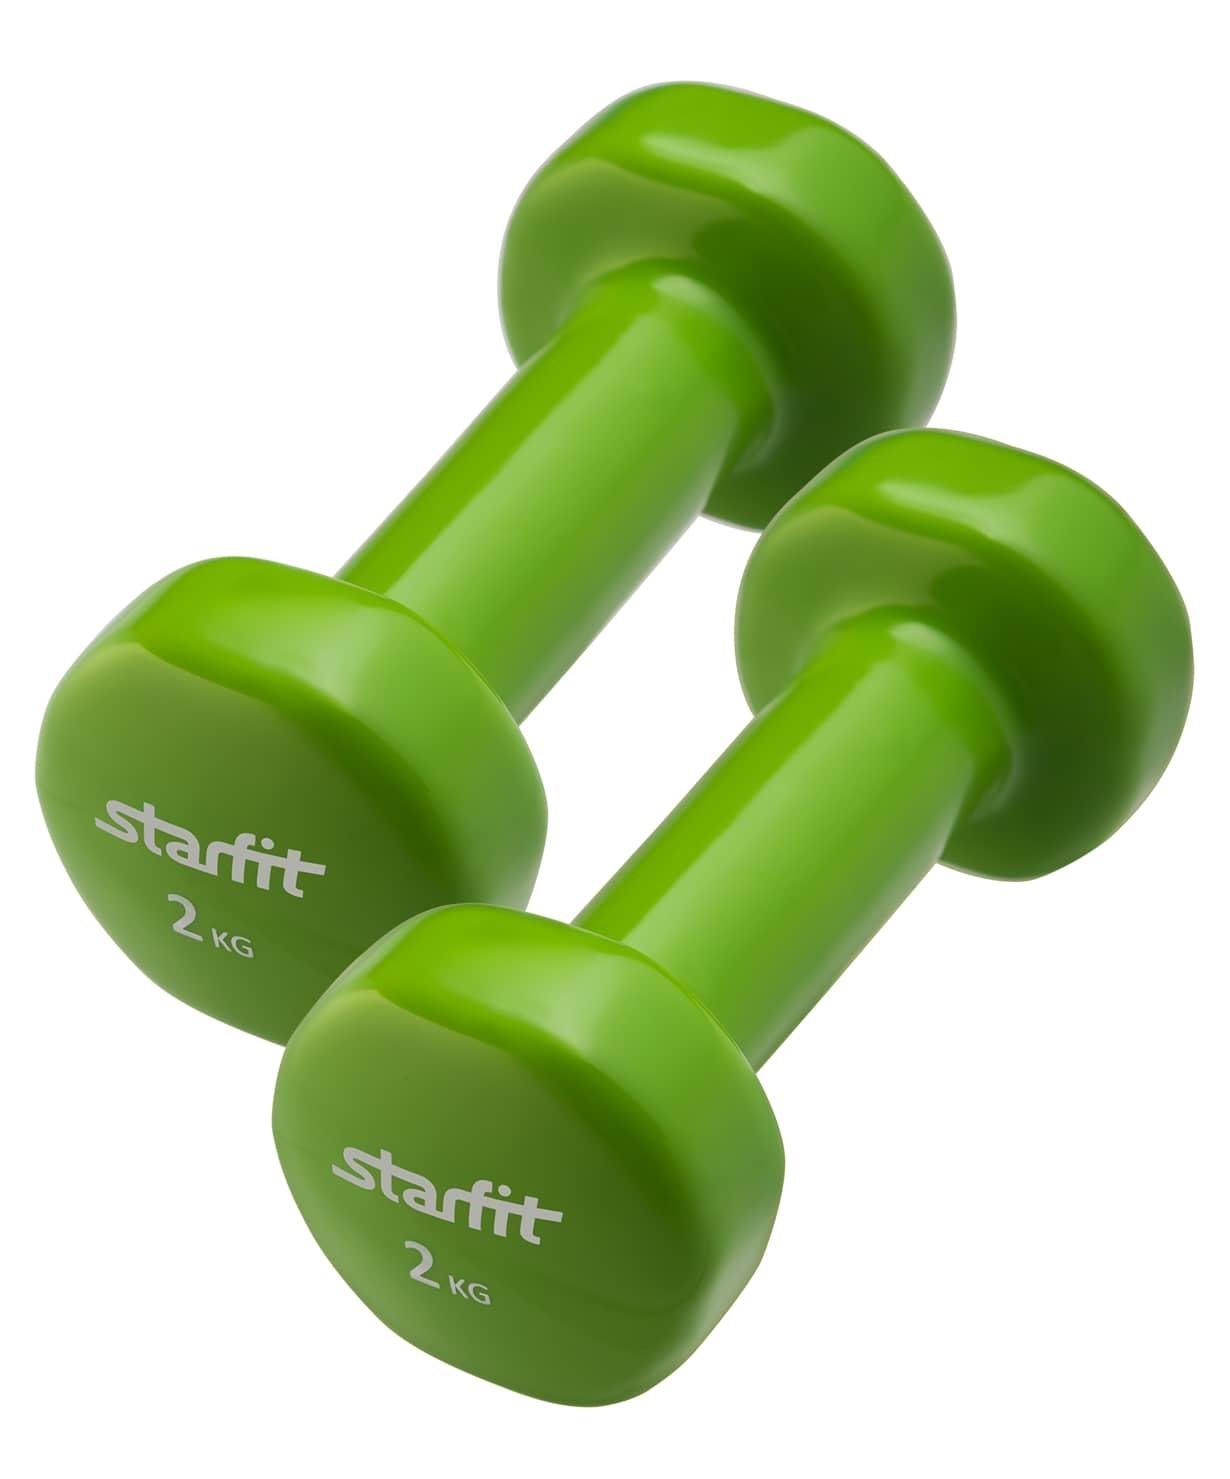 Гантель виниловая, комплект STARFIT DB-101 2 кг, зеленый, 2 шт